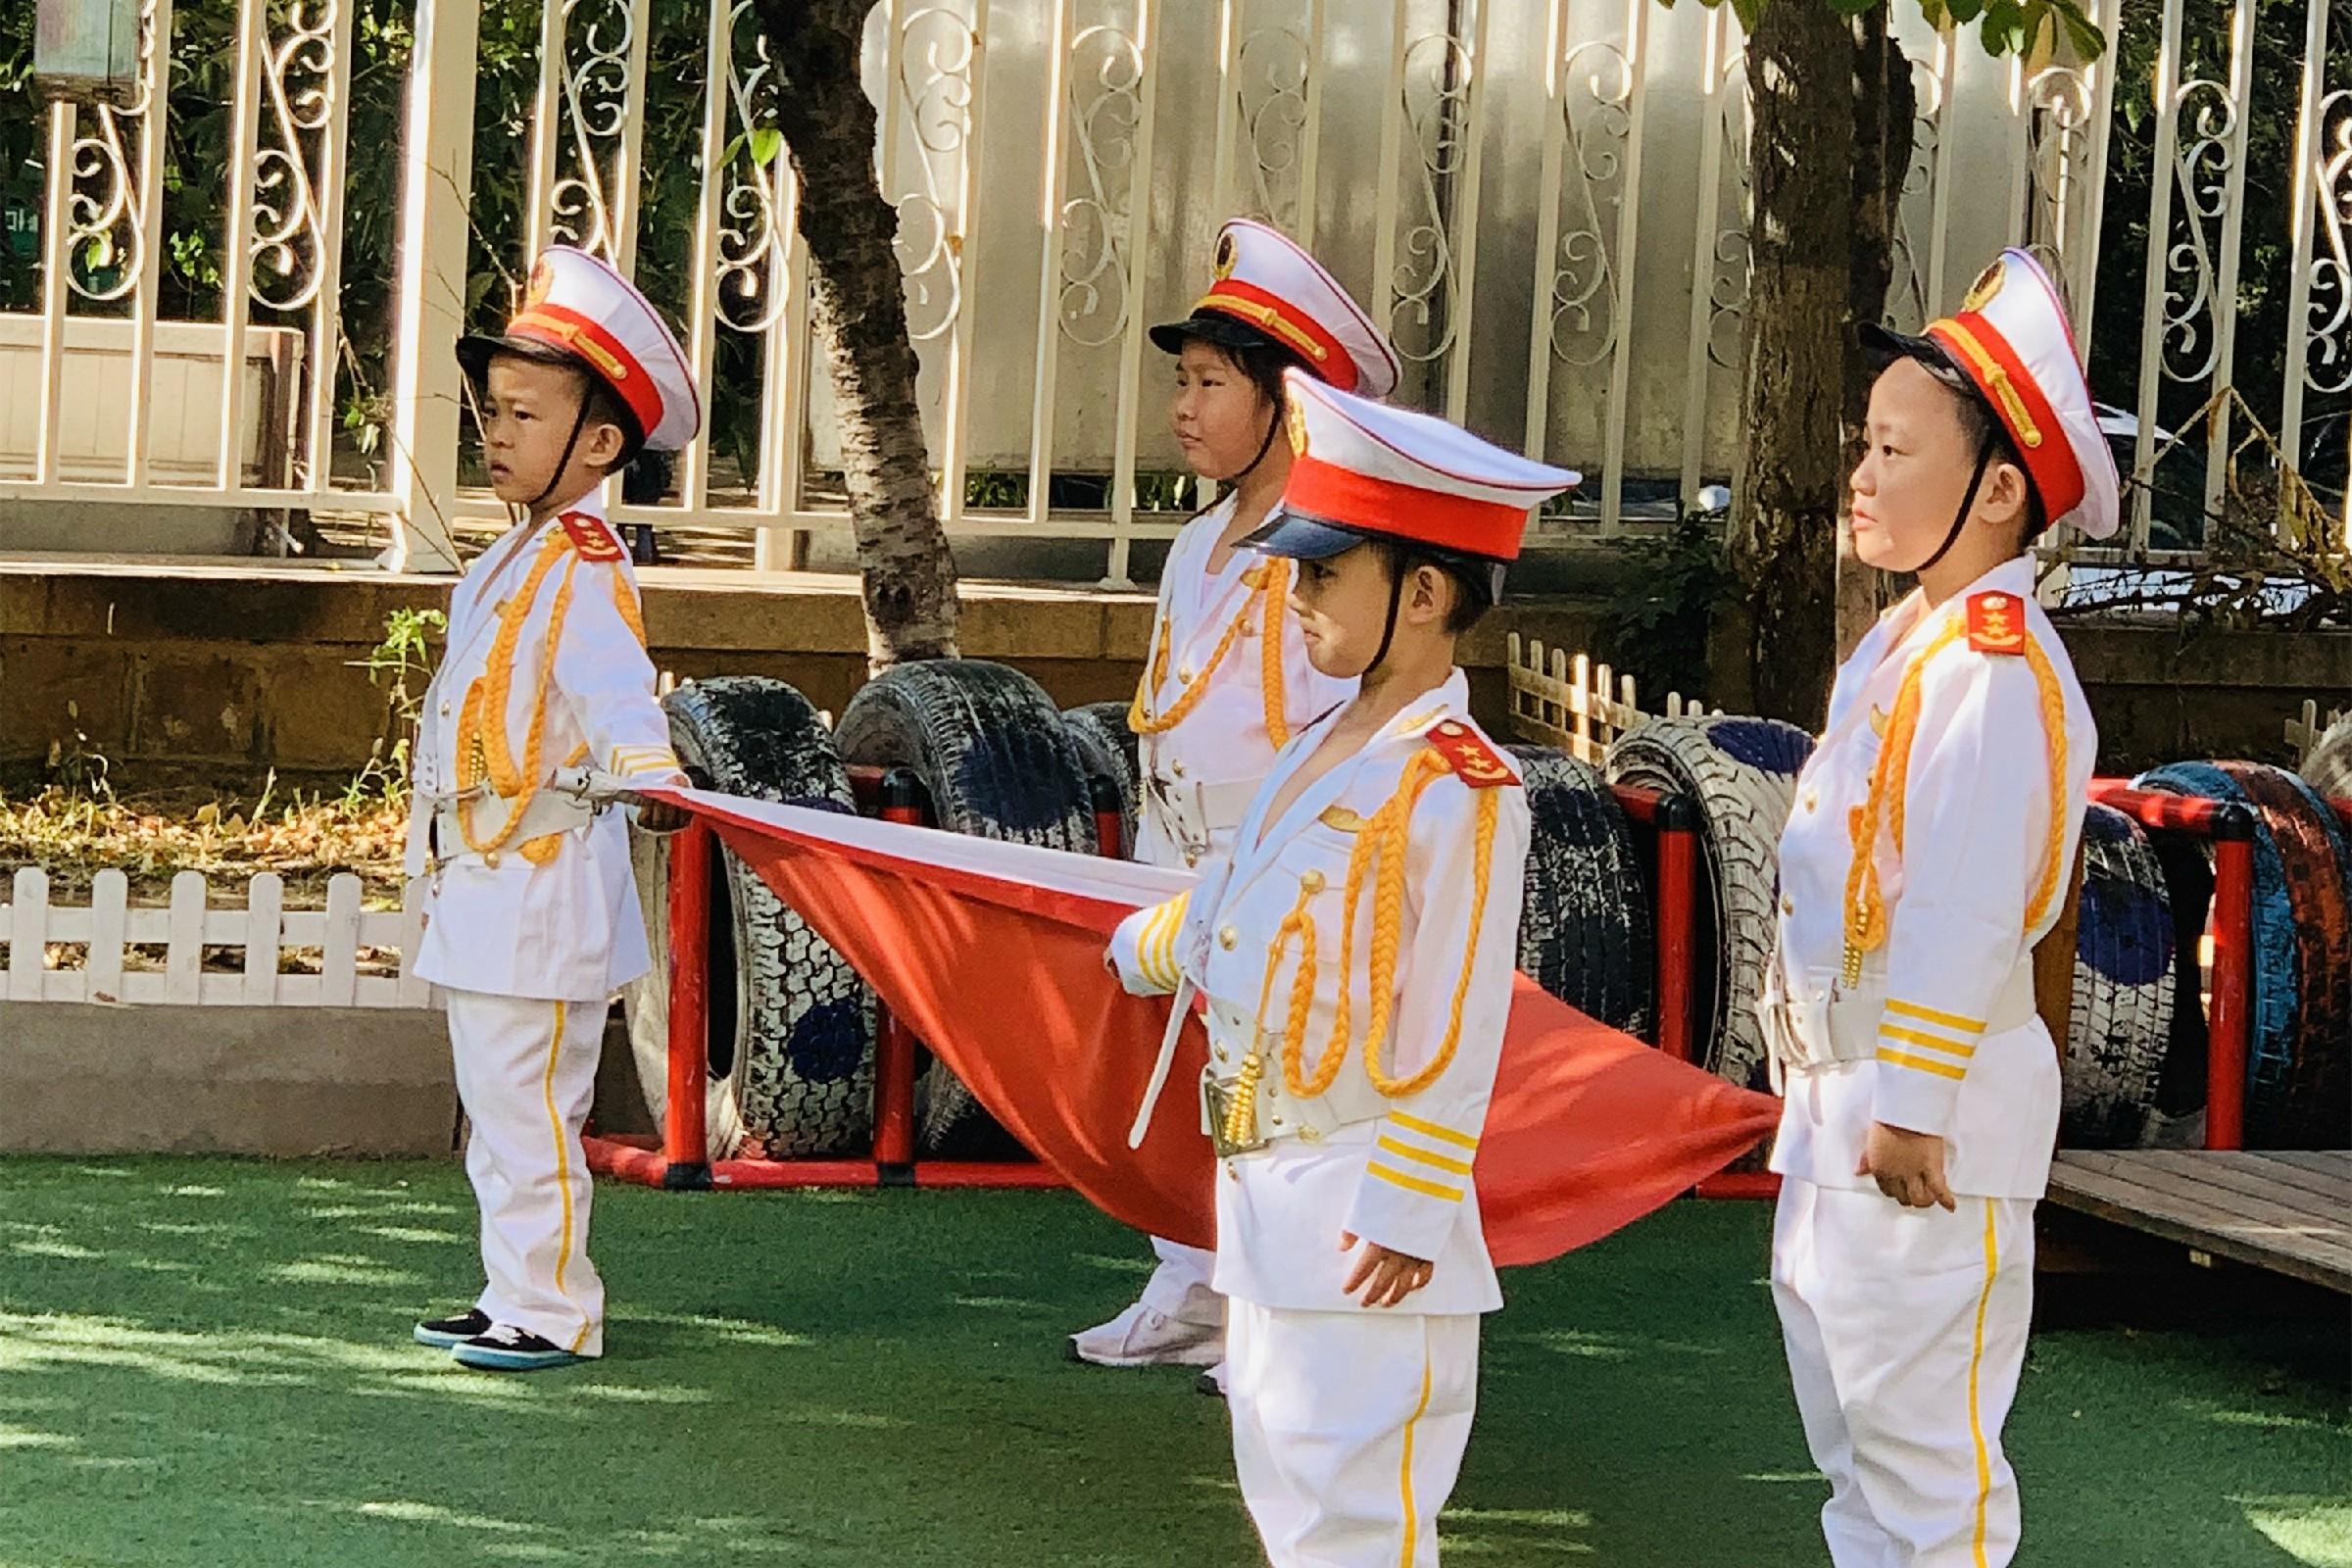 20190923市北区四方幼儿园尚智园区举行升国旗仪式2.jpg